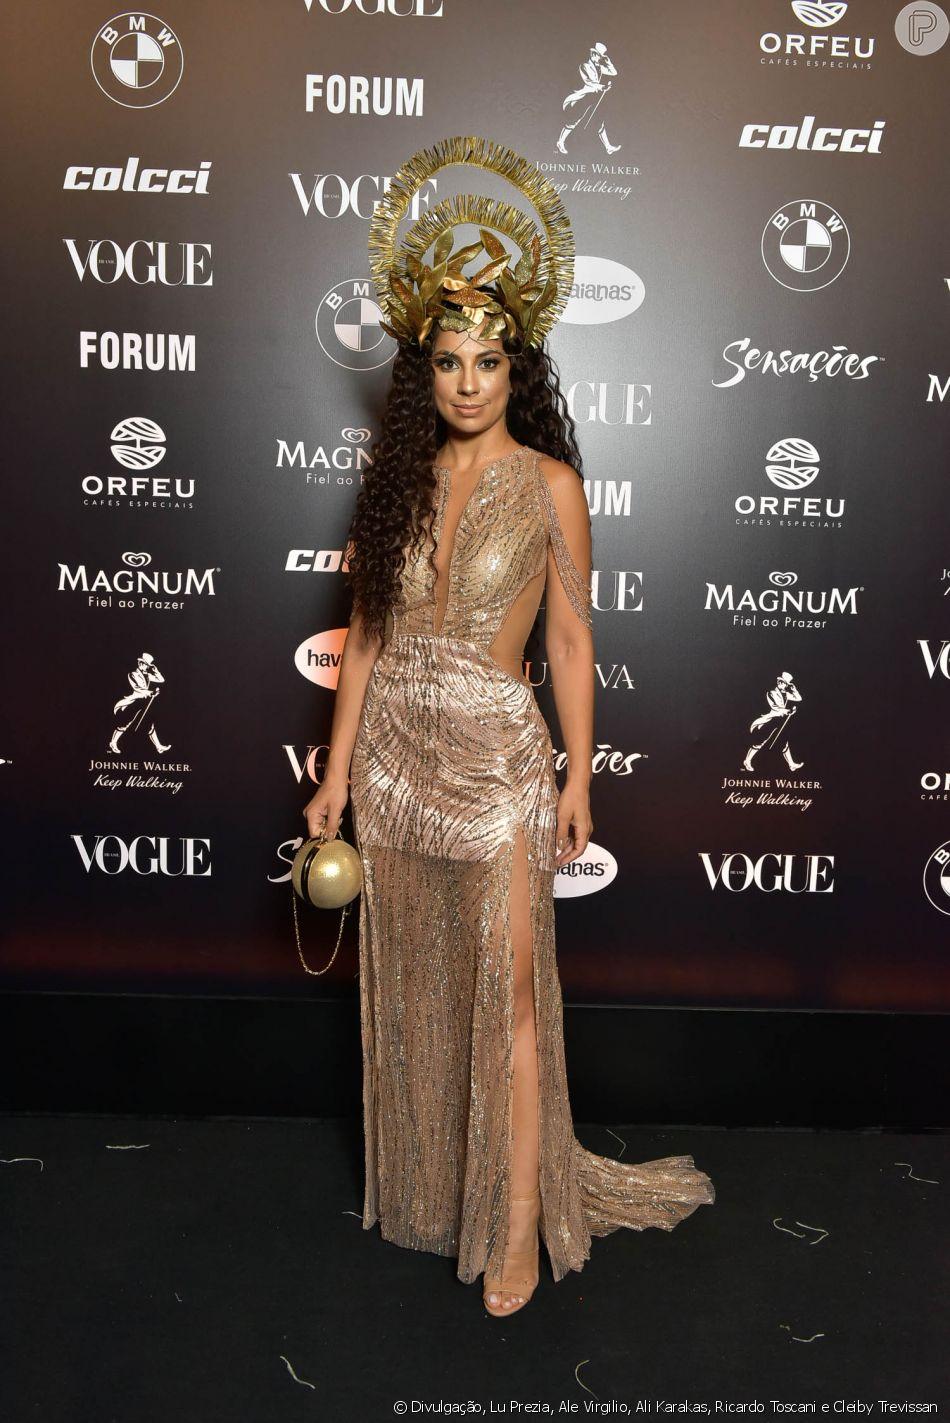 efc1ee26022ca Baile da Vogue  Karina Xavier de vestido dourado com transparência e muito  brilho